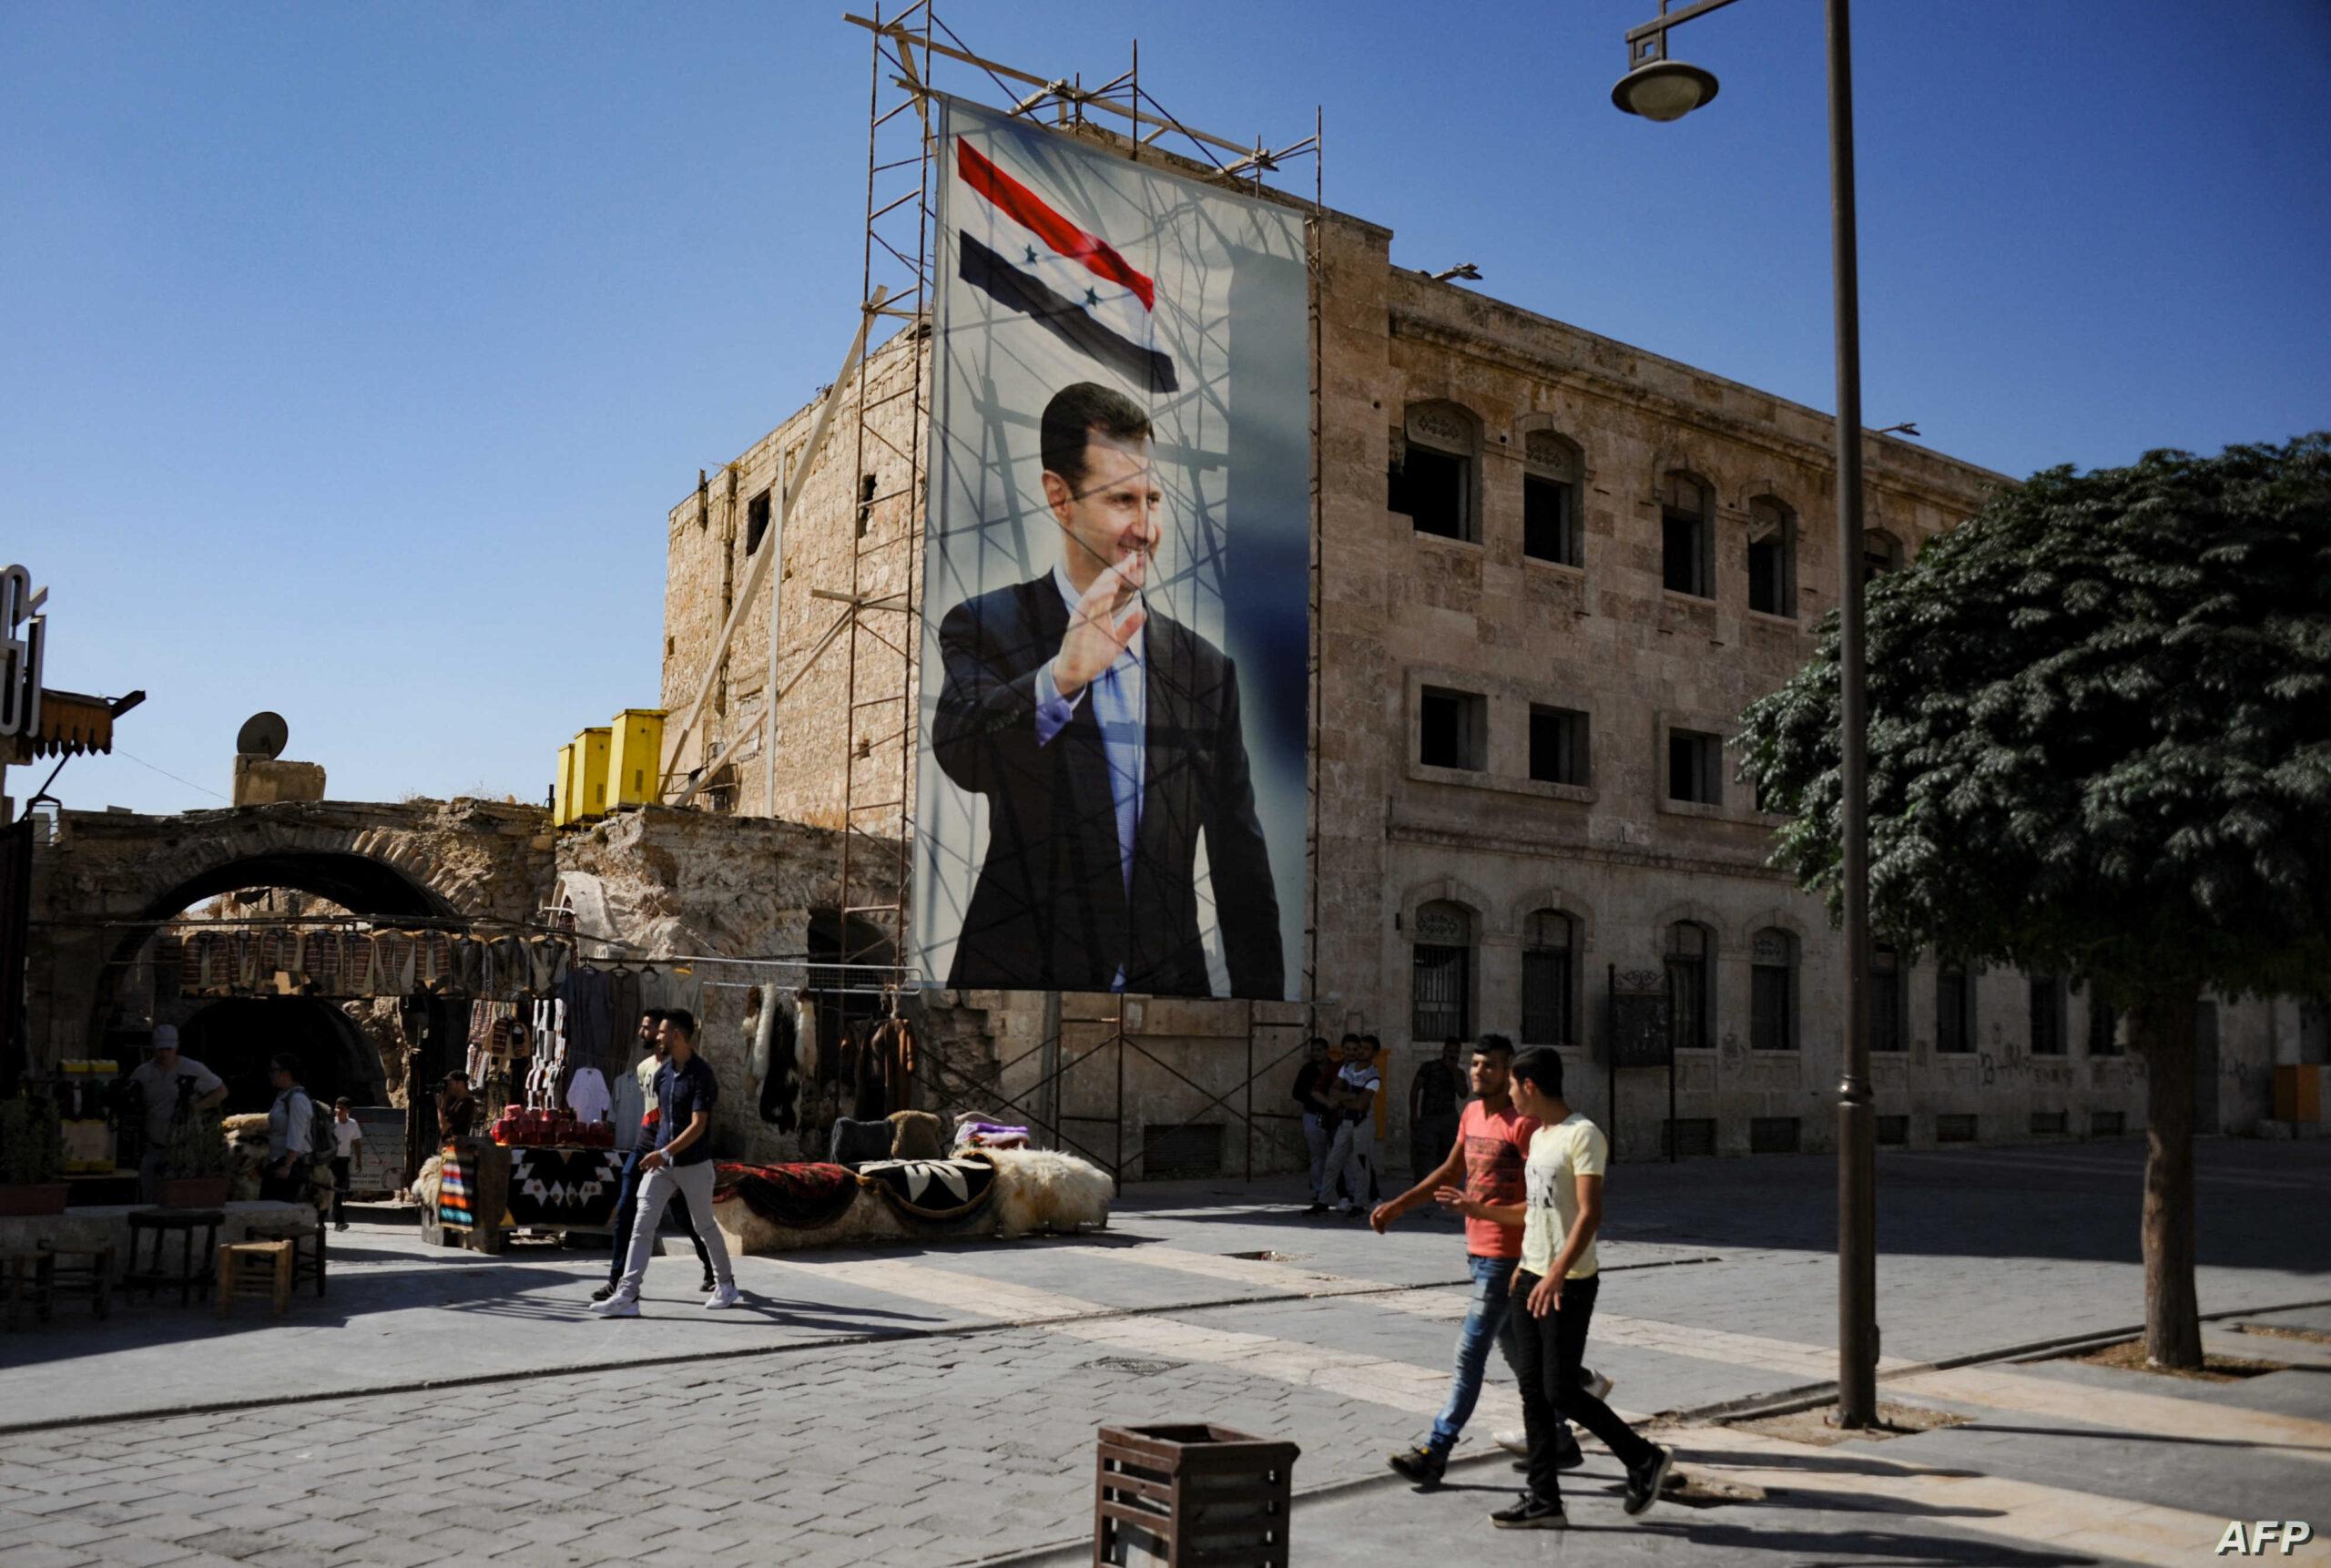 سوري يتحدى النظام في مناطق سيطرته بإزالة صور بشار الأسد وسط الشوارع (فيديو)